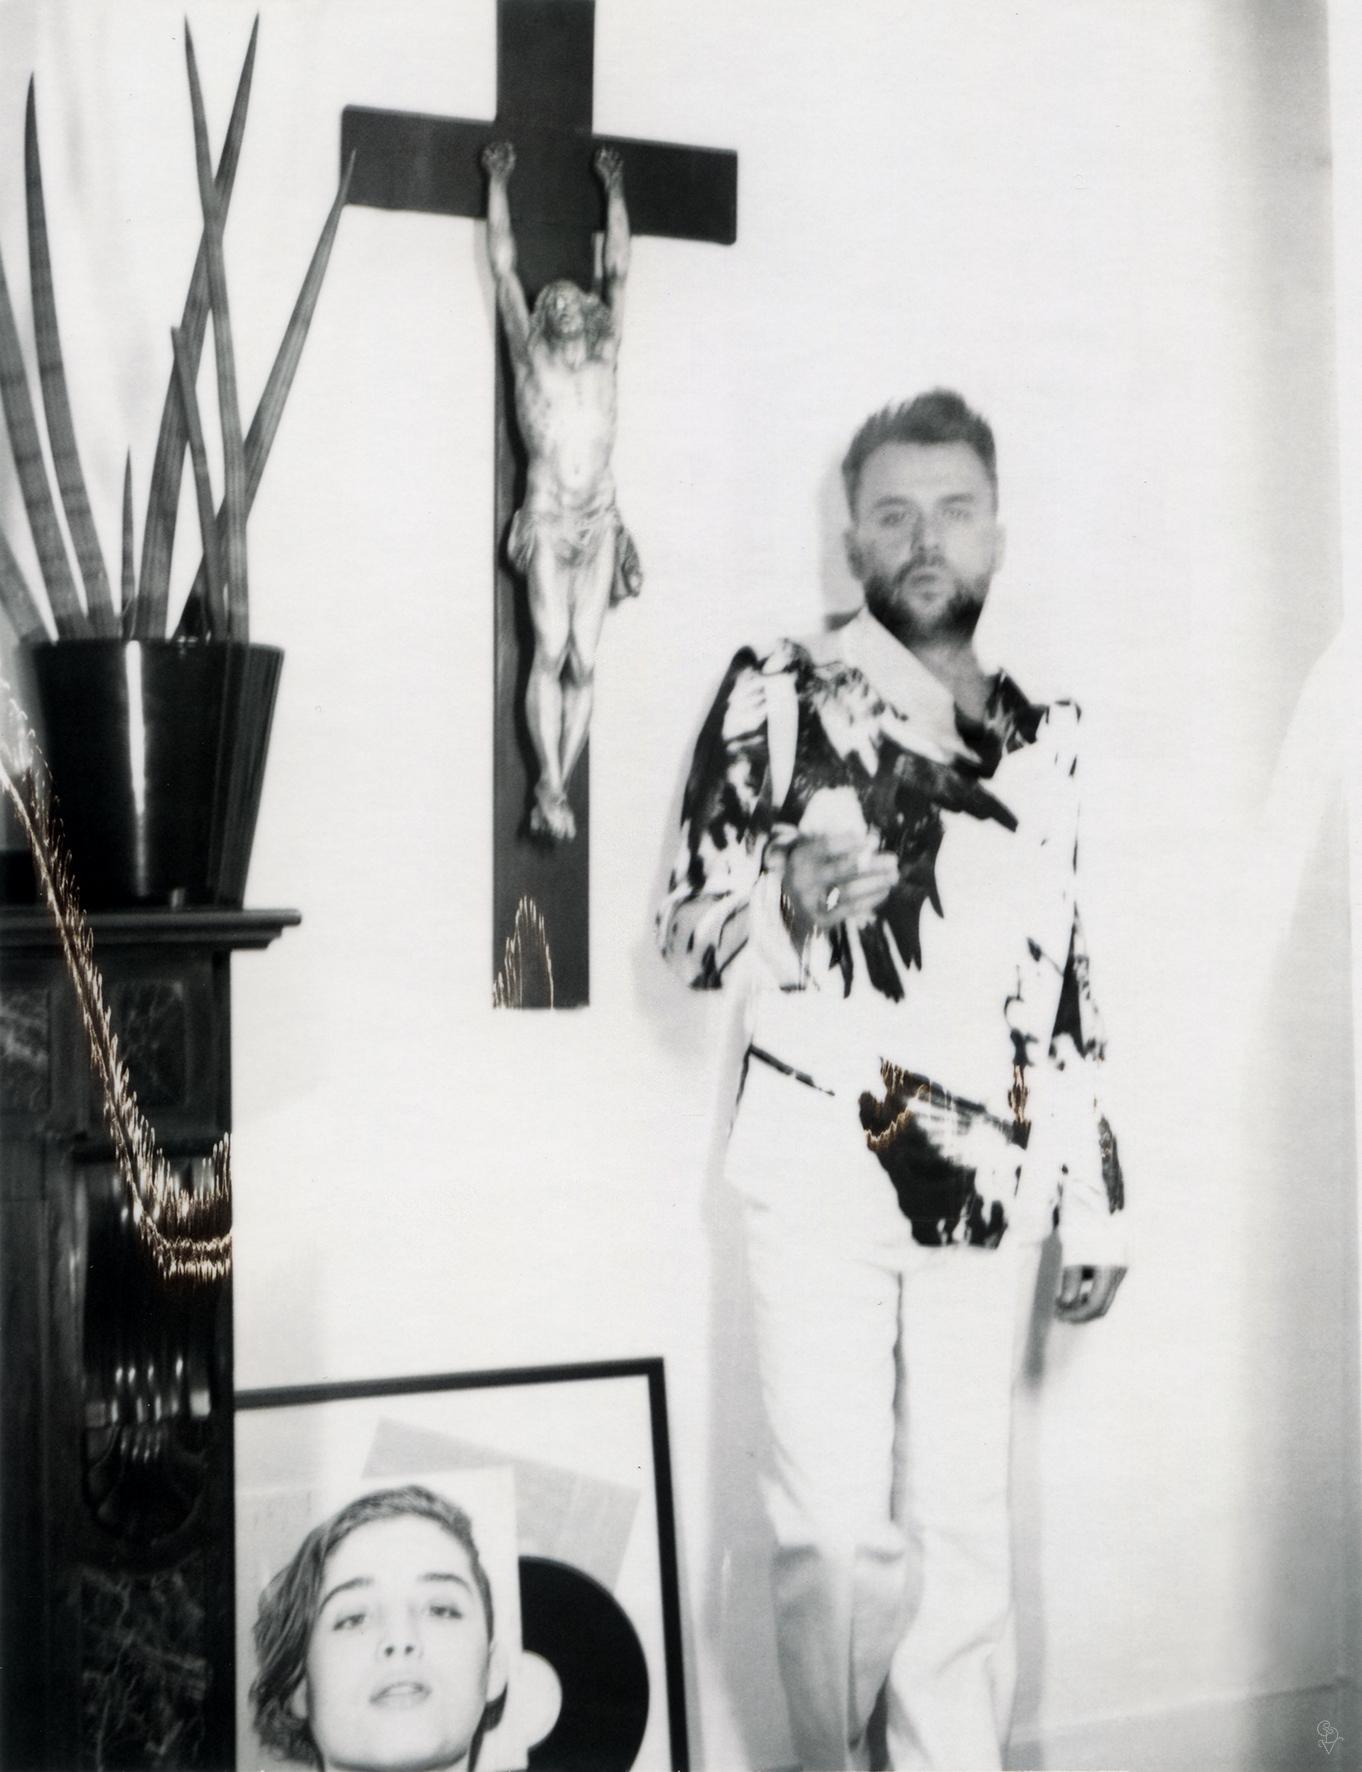 Gregory Frateur